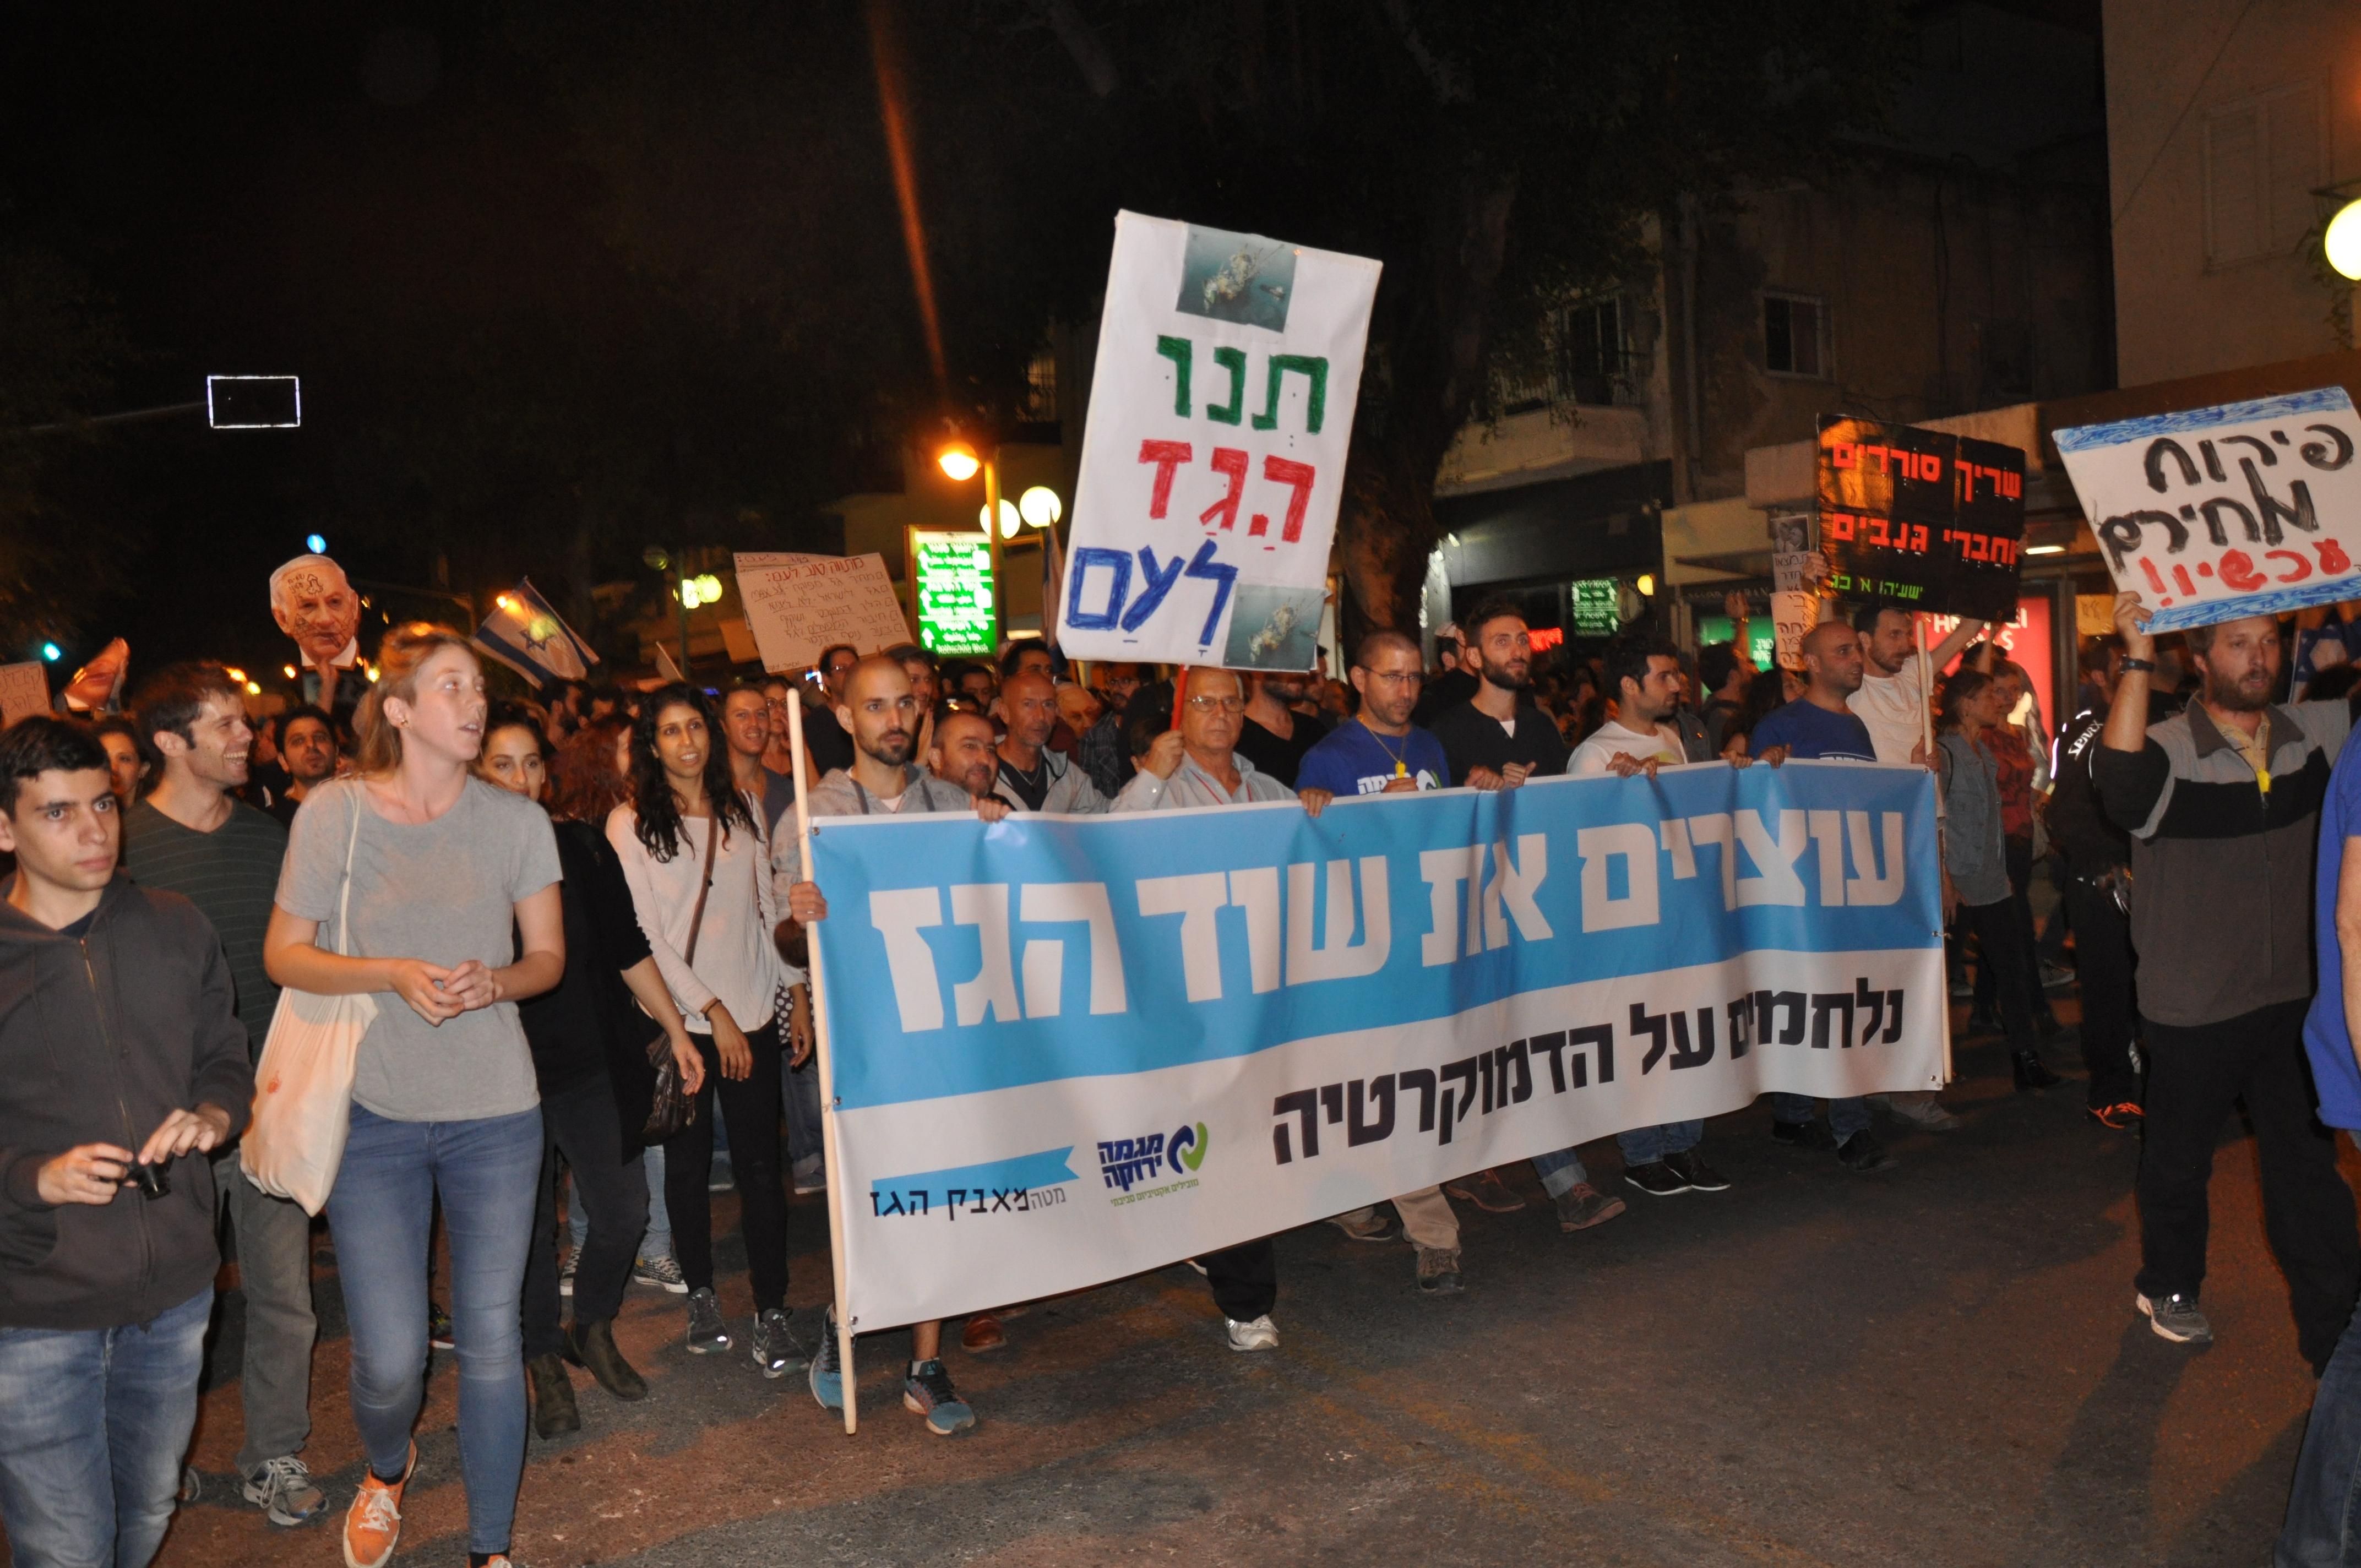 העיר כשחקן פעיל בהפגנה הפולטית. מפגינים נגד מתווה הגז, תל אביב 2015 (צילום: יונתן גת)